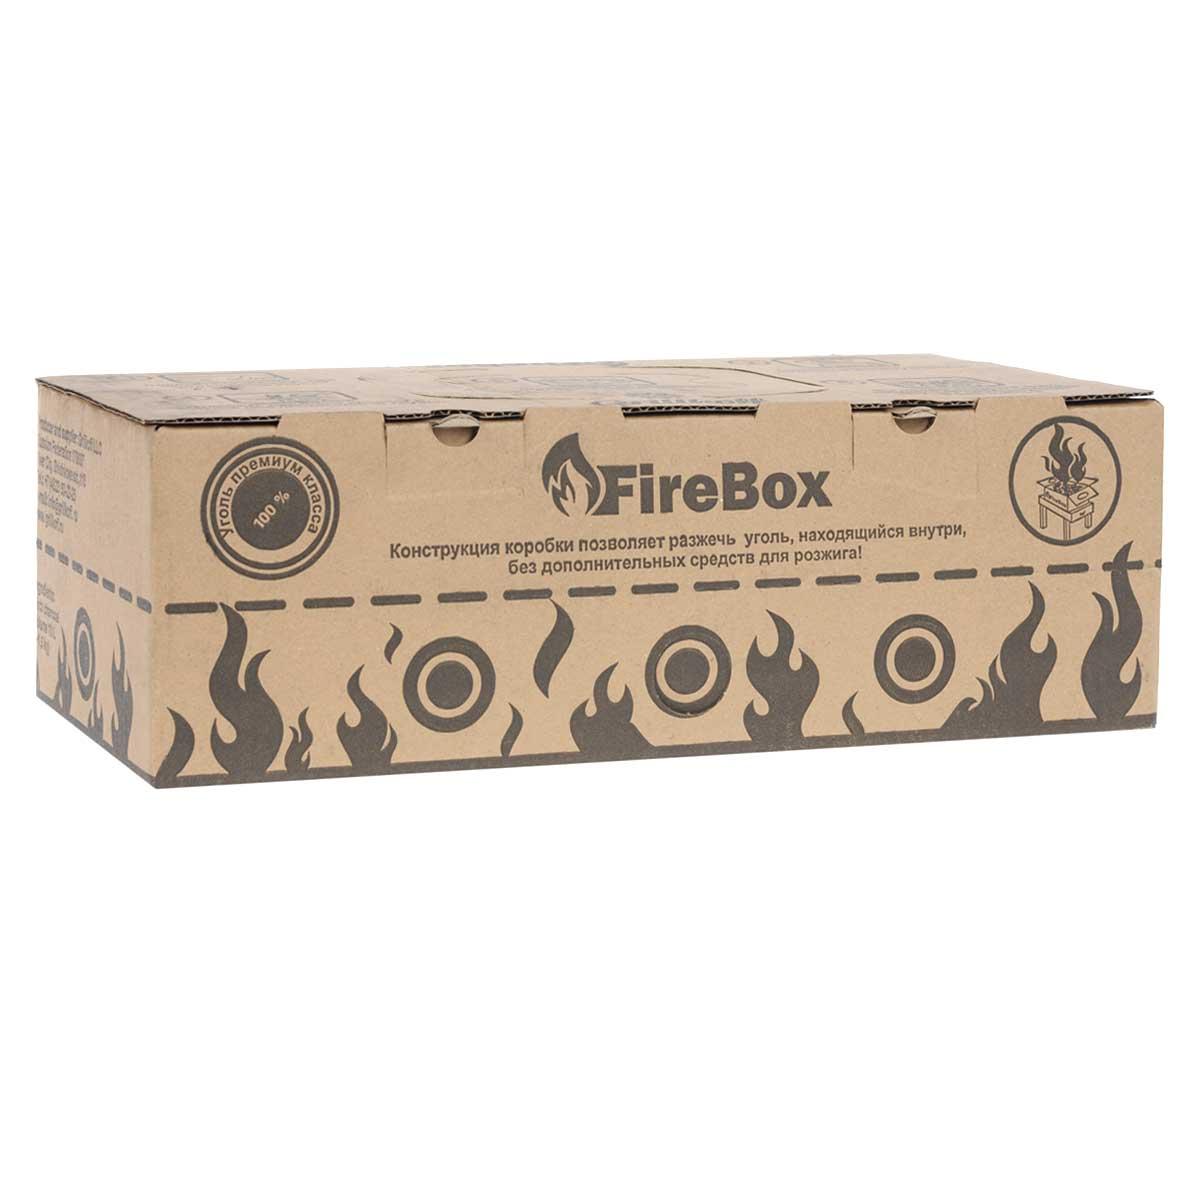 Уголь древесный Грилькофф FireBox, отборный, 1,5 кг174Уголь Грилькофф FireBox изготовлен изабсолютно натуральных материалов, он чрезвычайно легок в использовании, которое не предполагает добавления каких либо химических веществ. Это существенно улучшает вкус приготовляемых с помощью Грилькофф FireBox продуктов. Грилькофф FireBox легок в использовании, и после выполнения нескольких элементарных действий он быстро разгорится без использования дополнительных горючих материалов.Достаточно выполнить 5 последовательных действий, и вы сможете без труда разжечь уголь, не вынимая из коробки!Размер упаковки: 40 см х 13 см х 25 см.Вес упаковки: 1,5 кг (10 л).Состав: отборный древесный уголь.